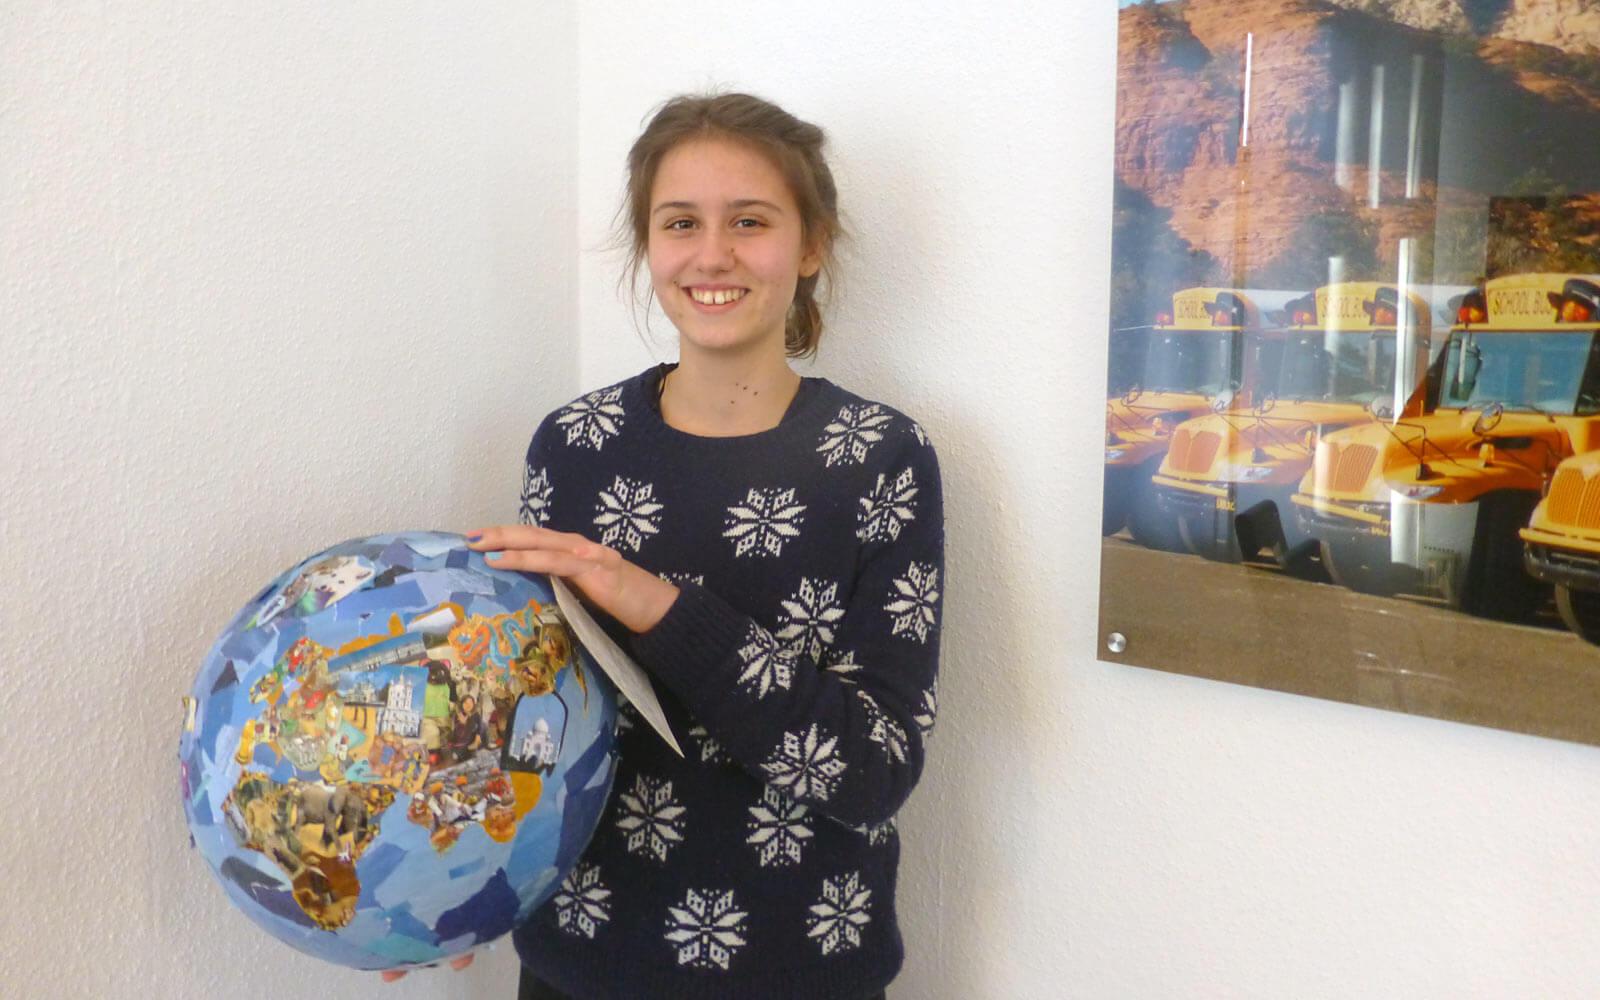 USA-Stipendiatin Mia mit ihrem Kreativbeitrag »Weltkugel« in der Hand